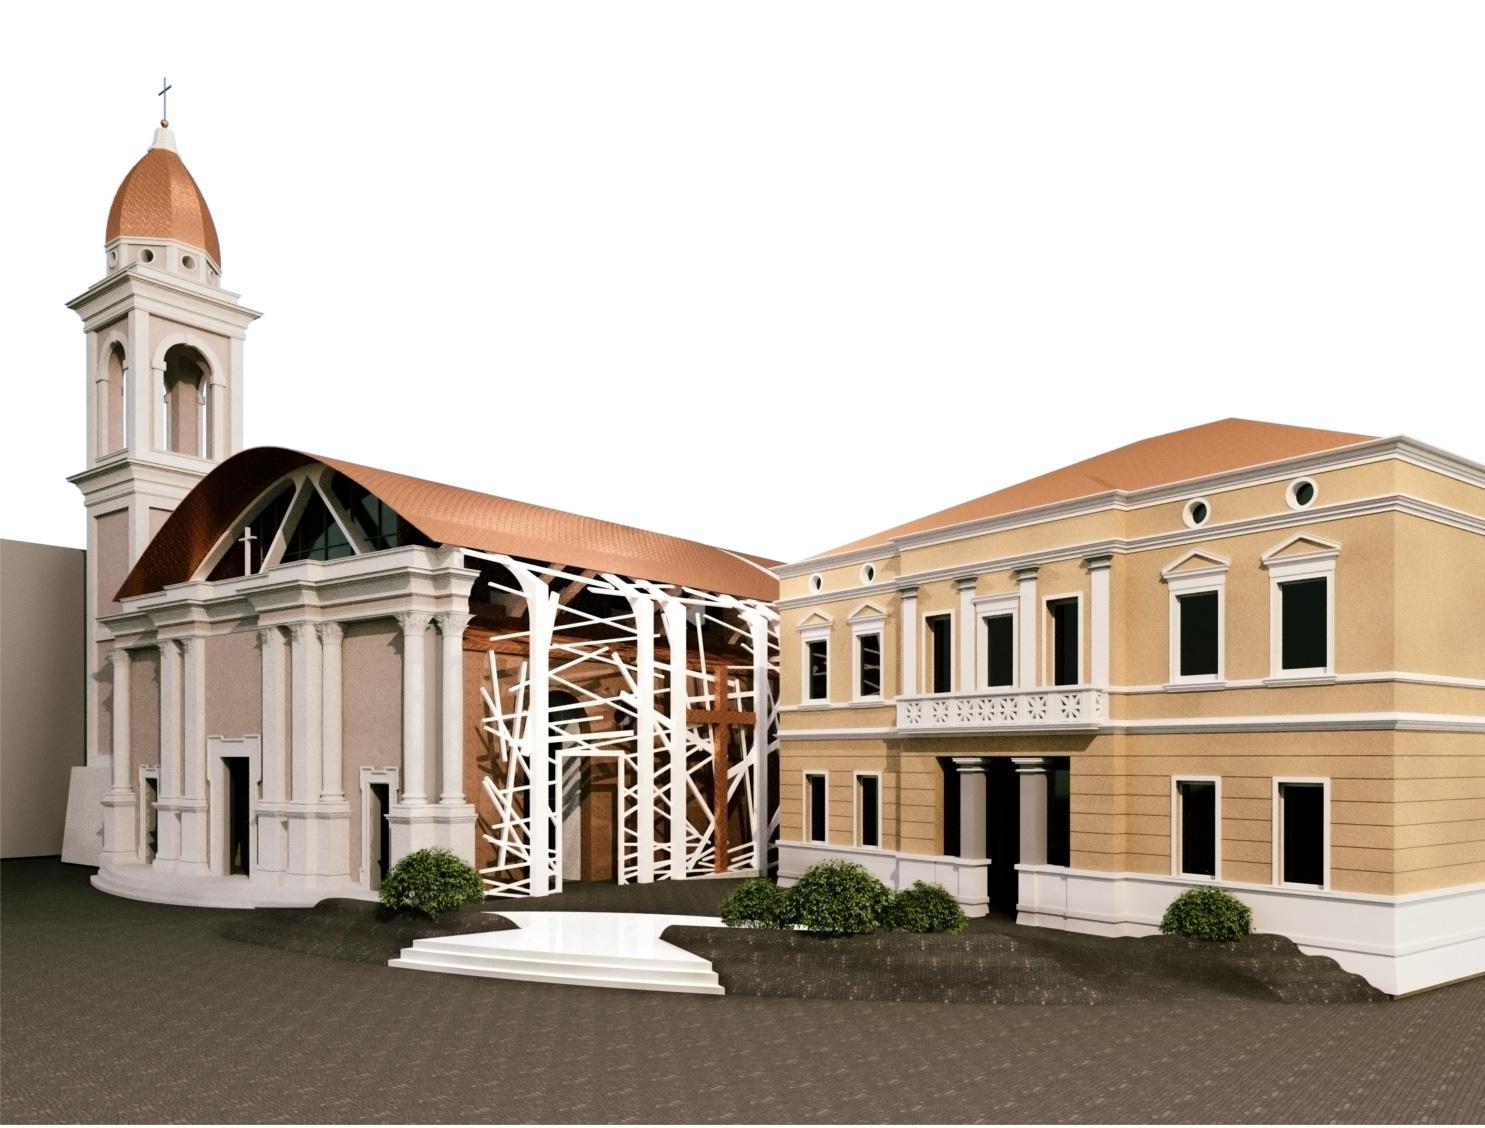 Concorso idee Chiesa - Capogruppo Arch Lorenzo Spinazzi_1500px